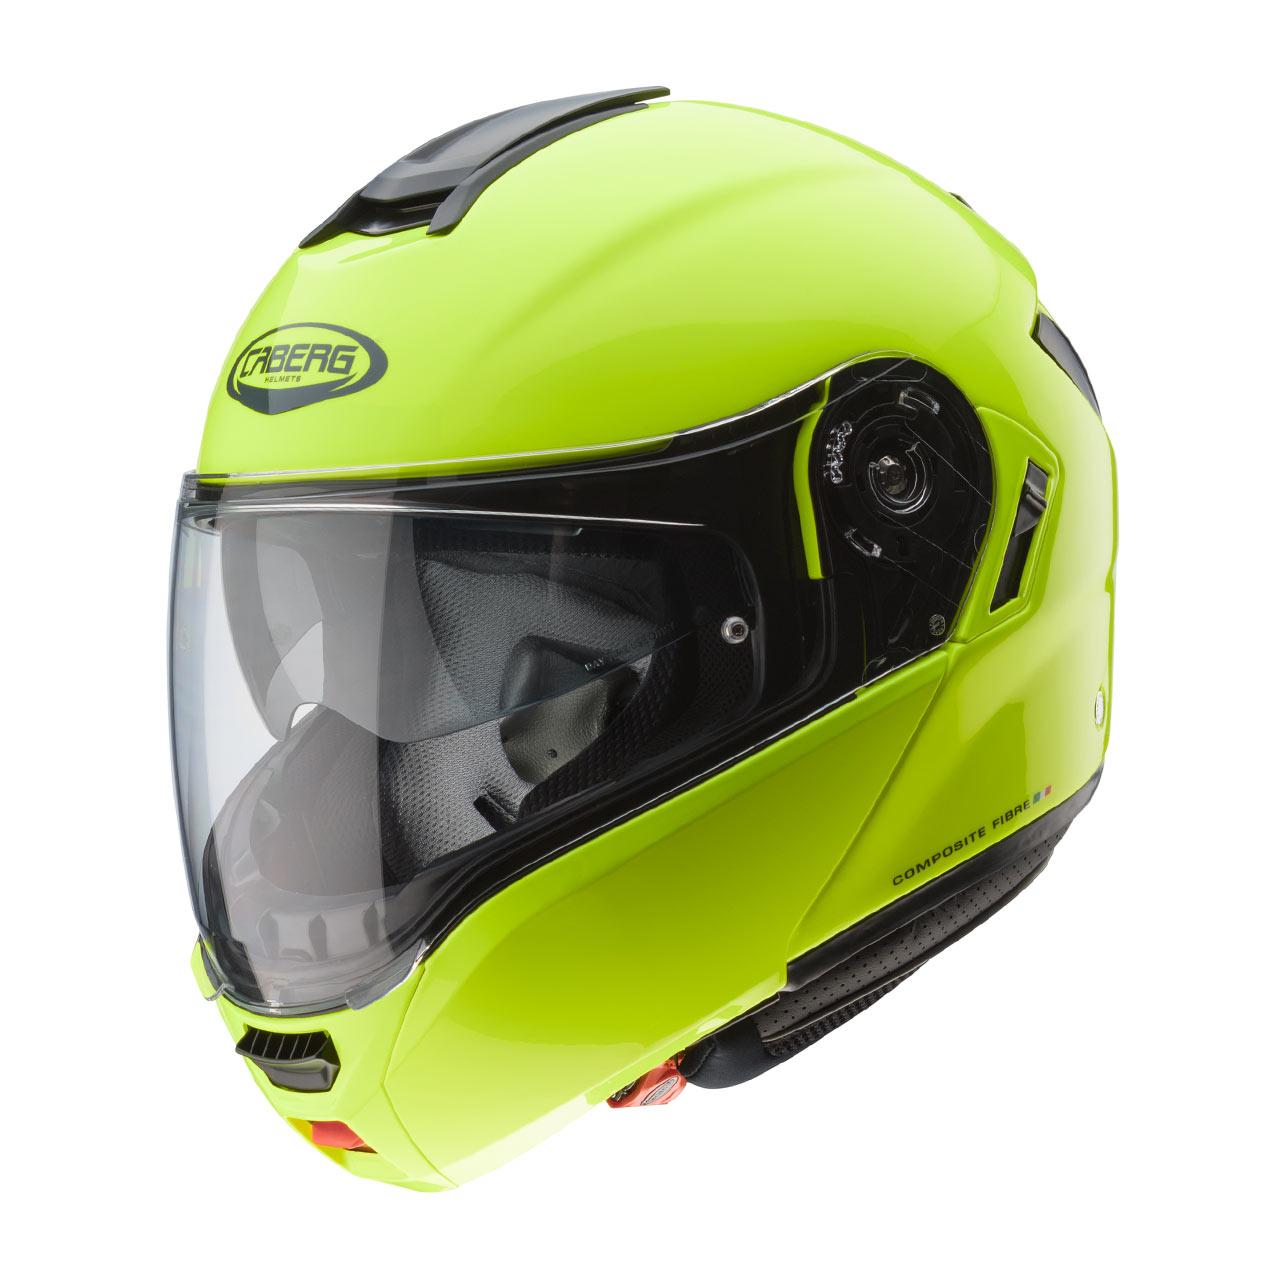 Caberg Levo - foto del casco